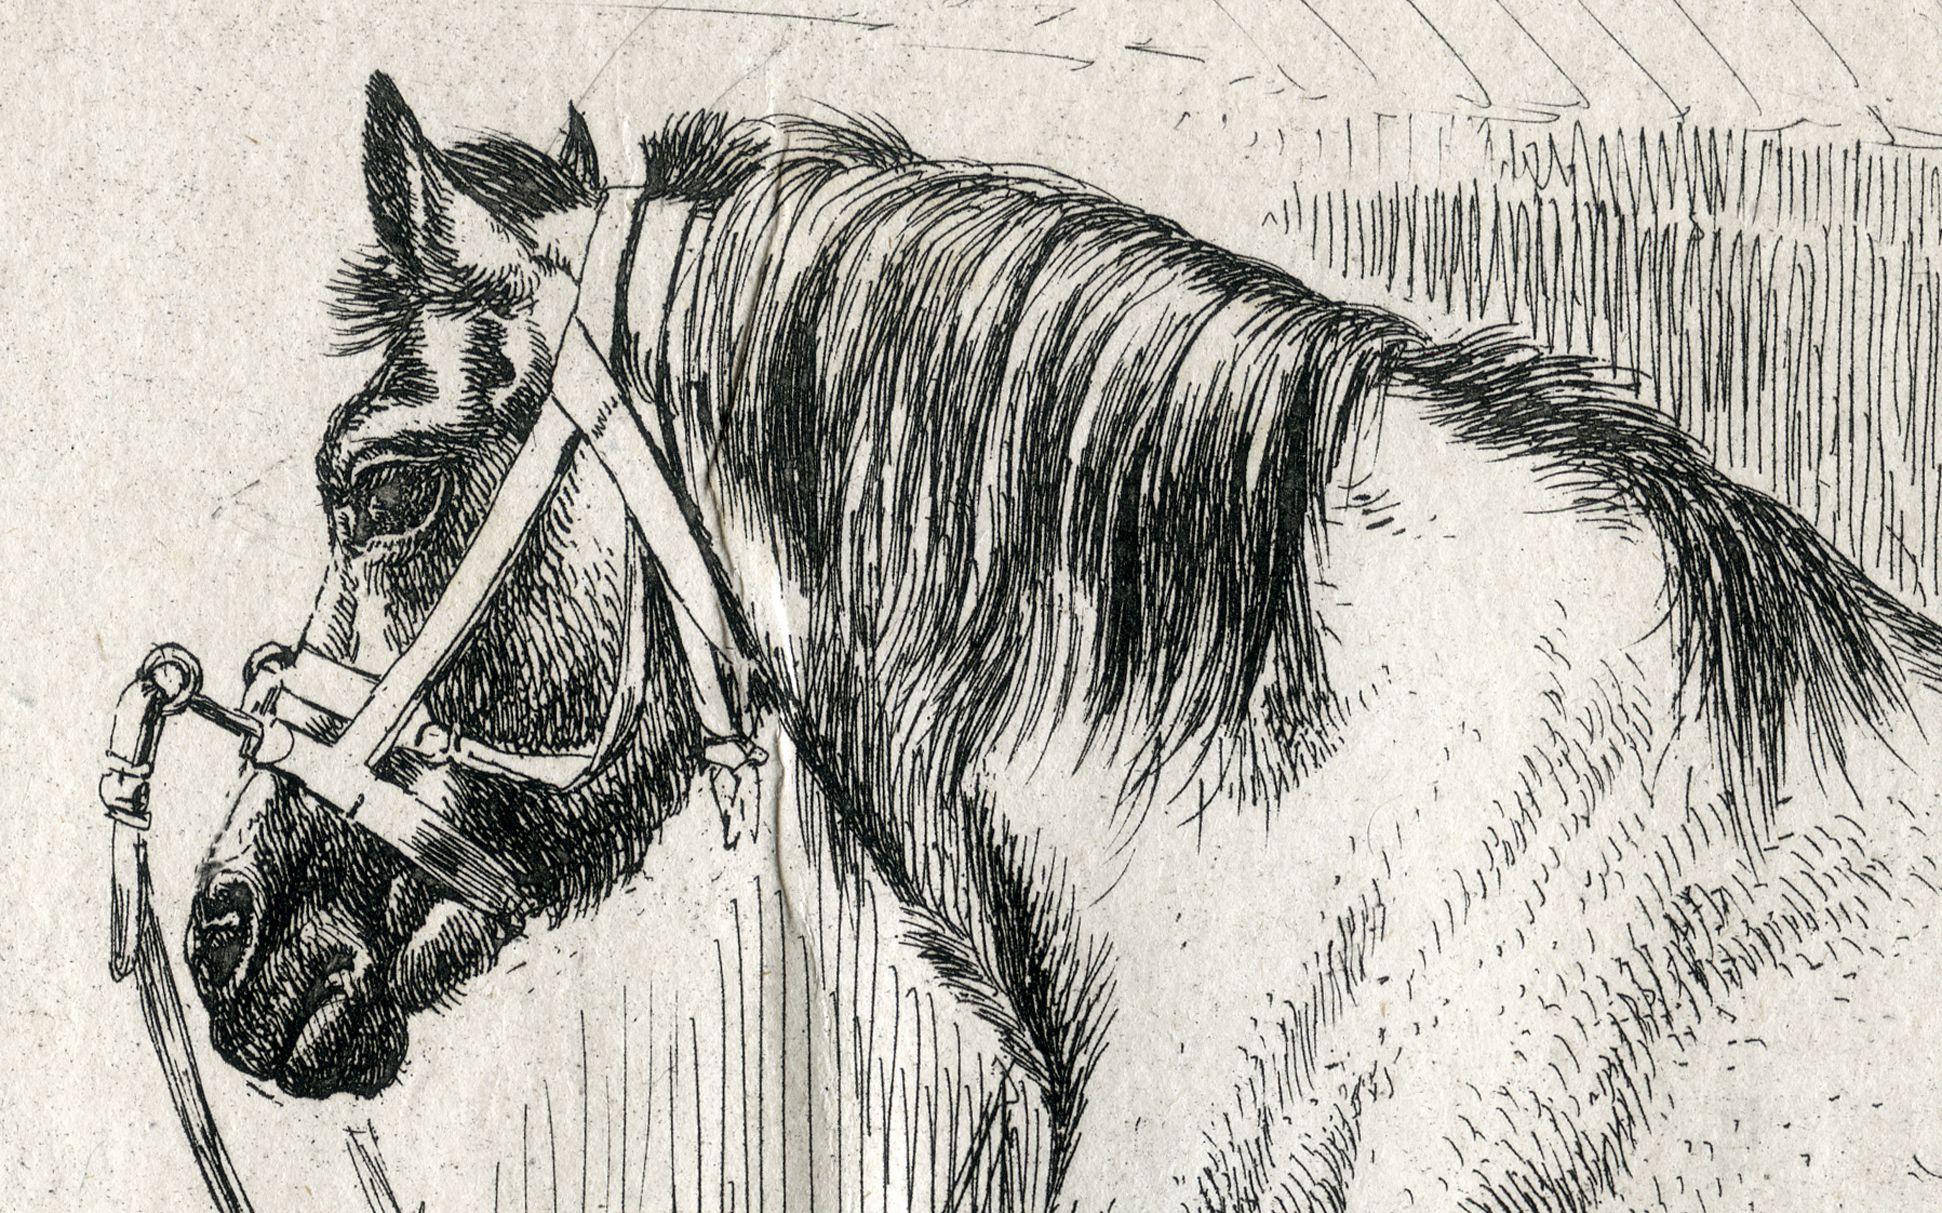 Das Pferd mit dem Kappzaum Pferdekopf mit Mähne